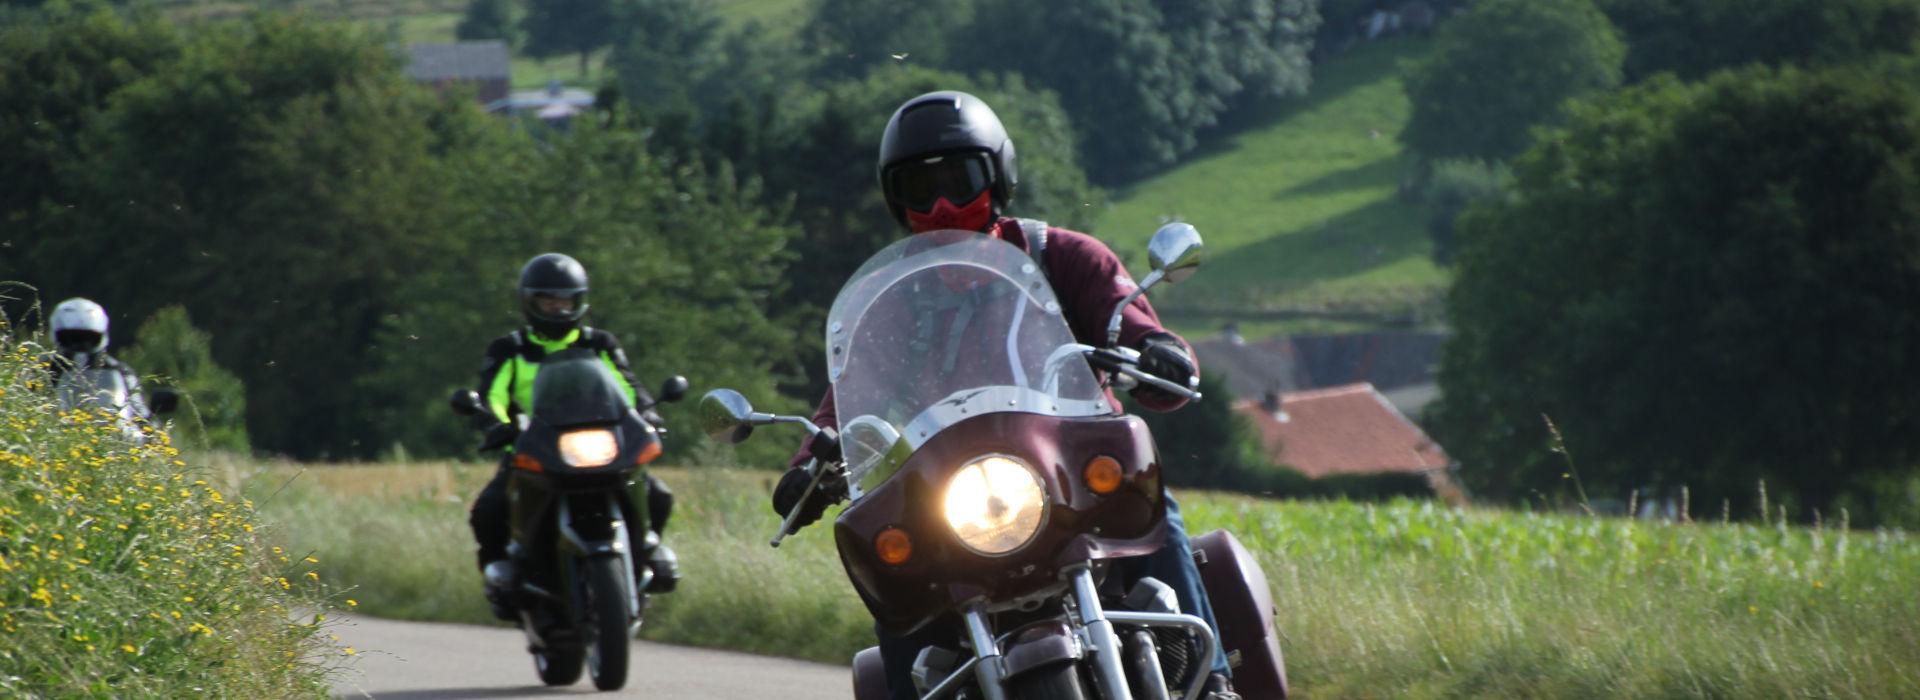 Motorrijbewijspoint Sneek spoed motorrijbewijs